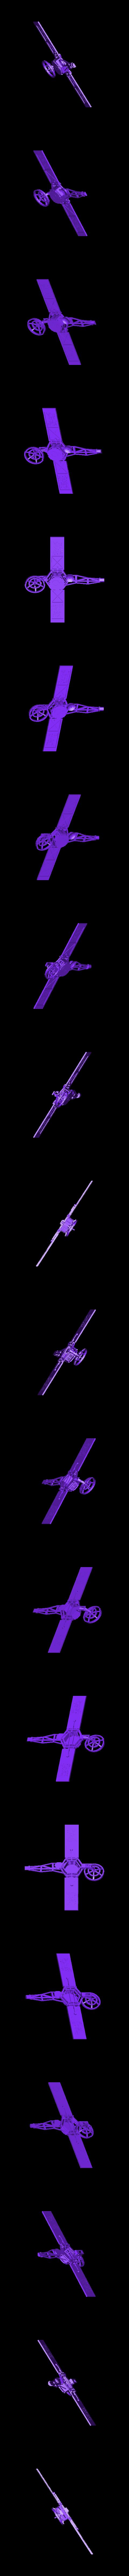 Assembled_Mariner.stl Download free STL file Mariner • 3D printable object, Slagerqod